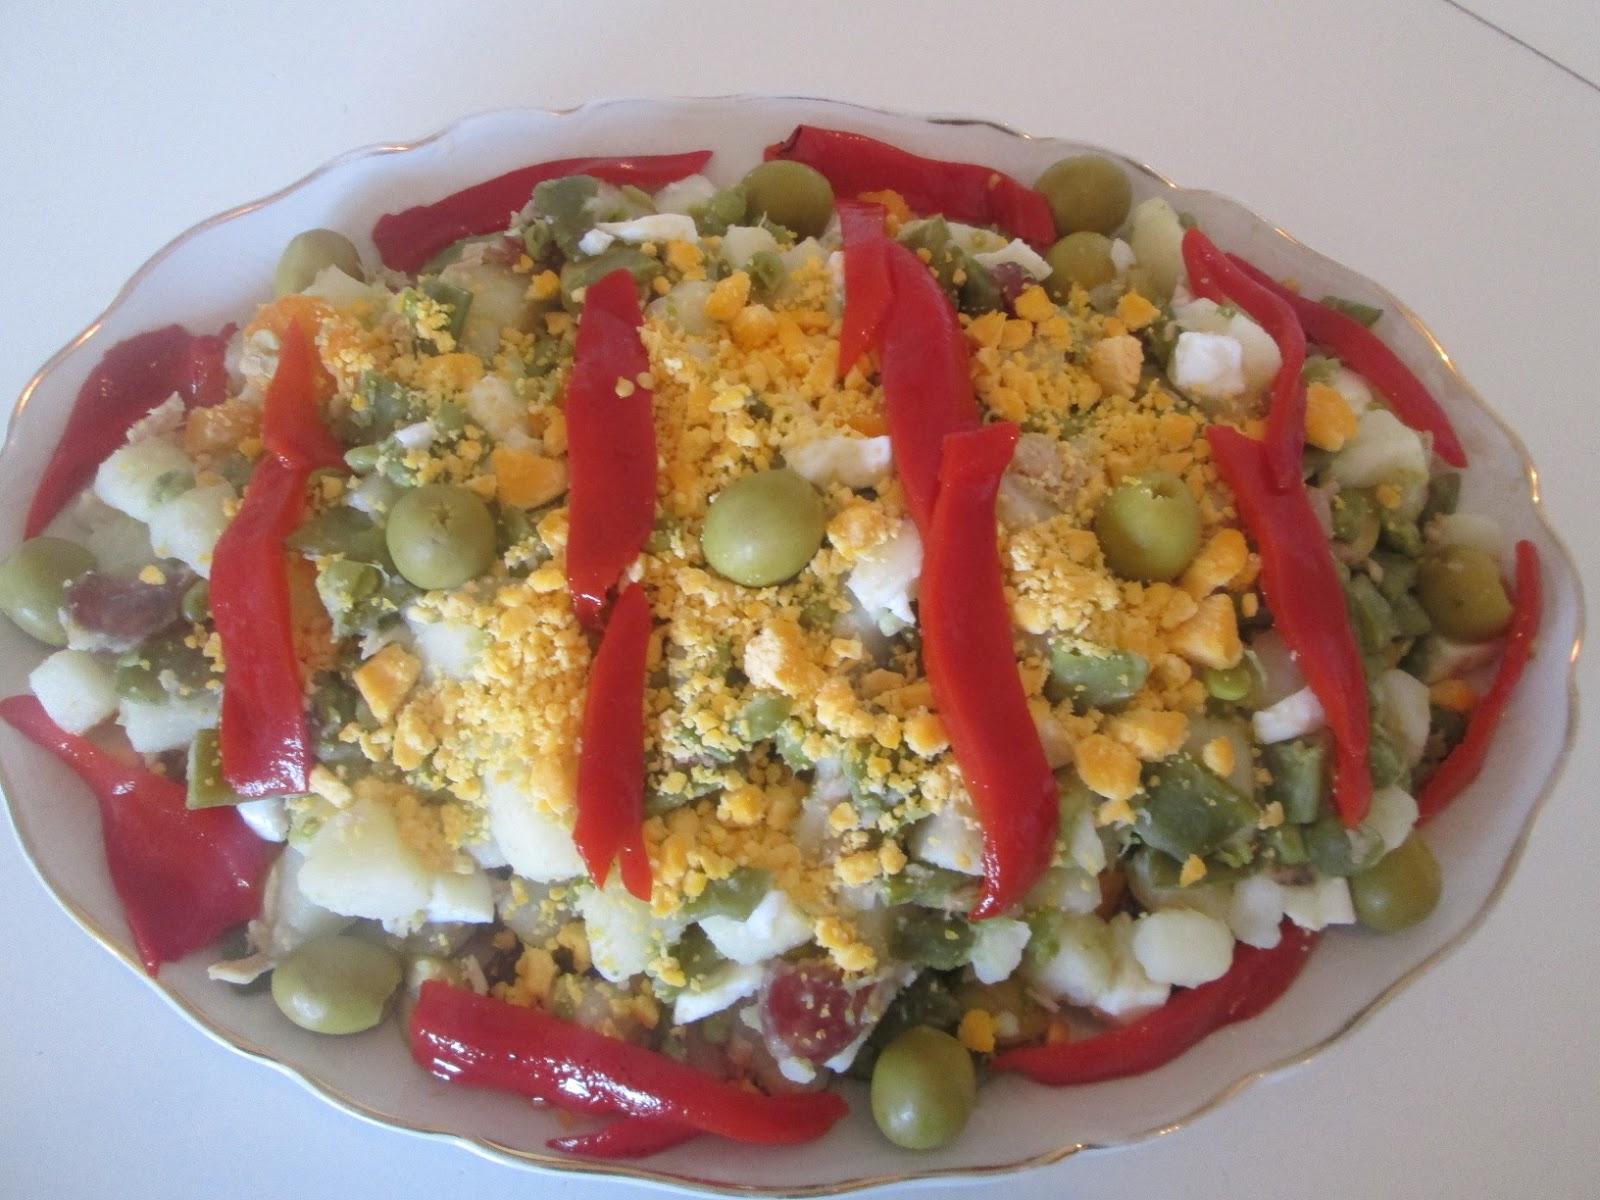 Cocinar no es dif cil pru balo ensaladilla rusa for Cocinar ensaladilla rusa